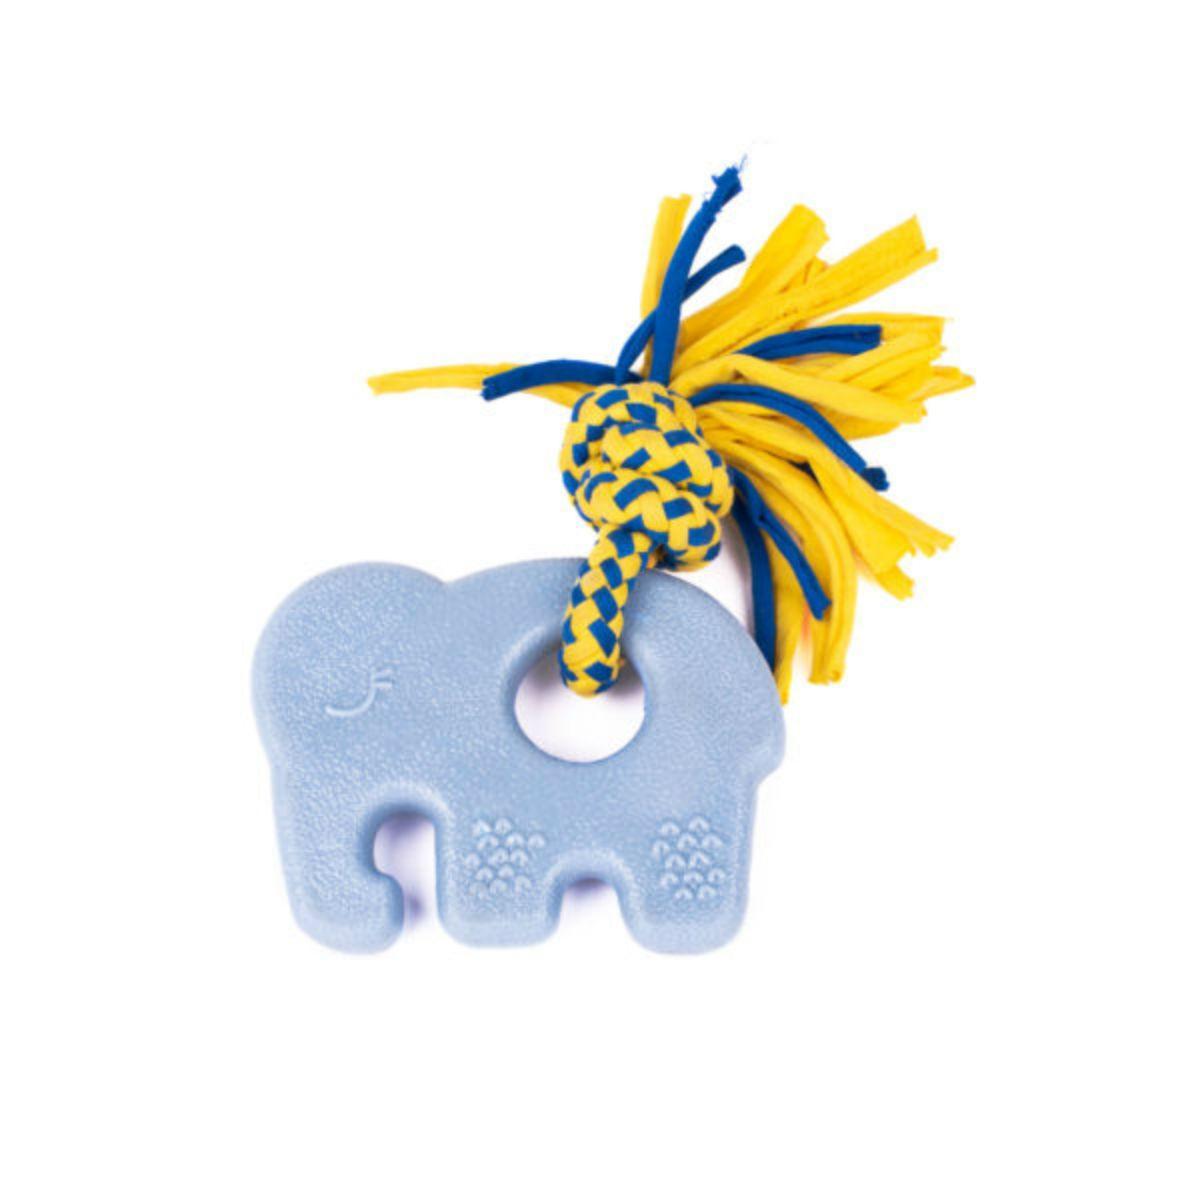 ZippyTuff Teetherz Dog Toy - Elliot the Elephant